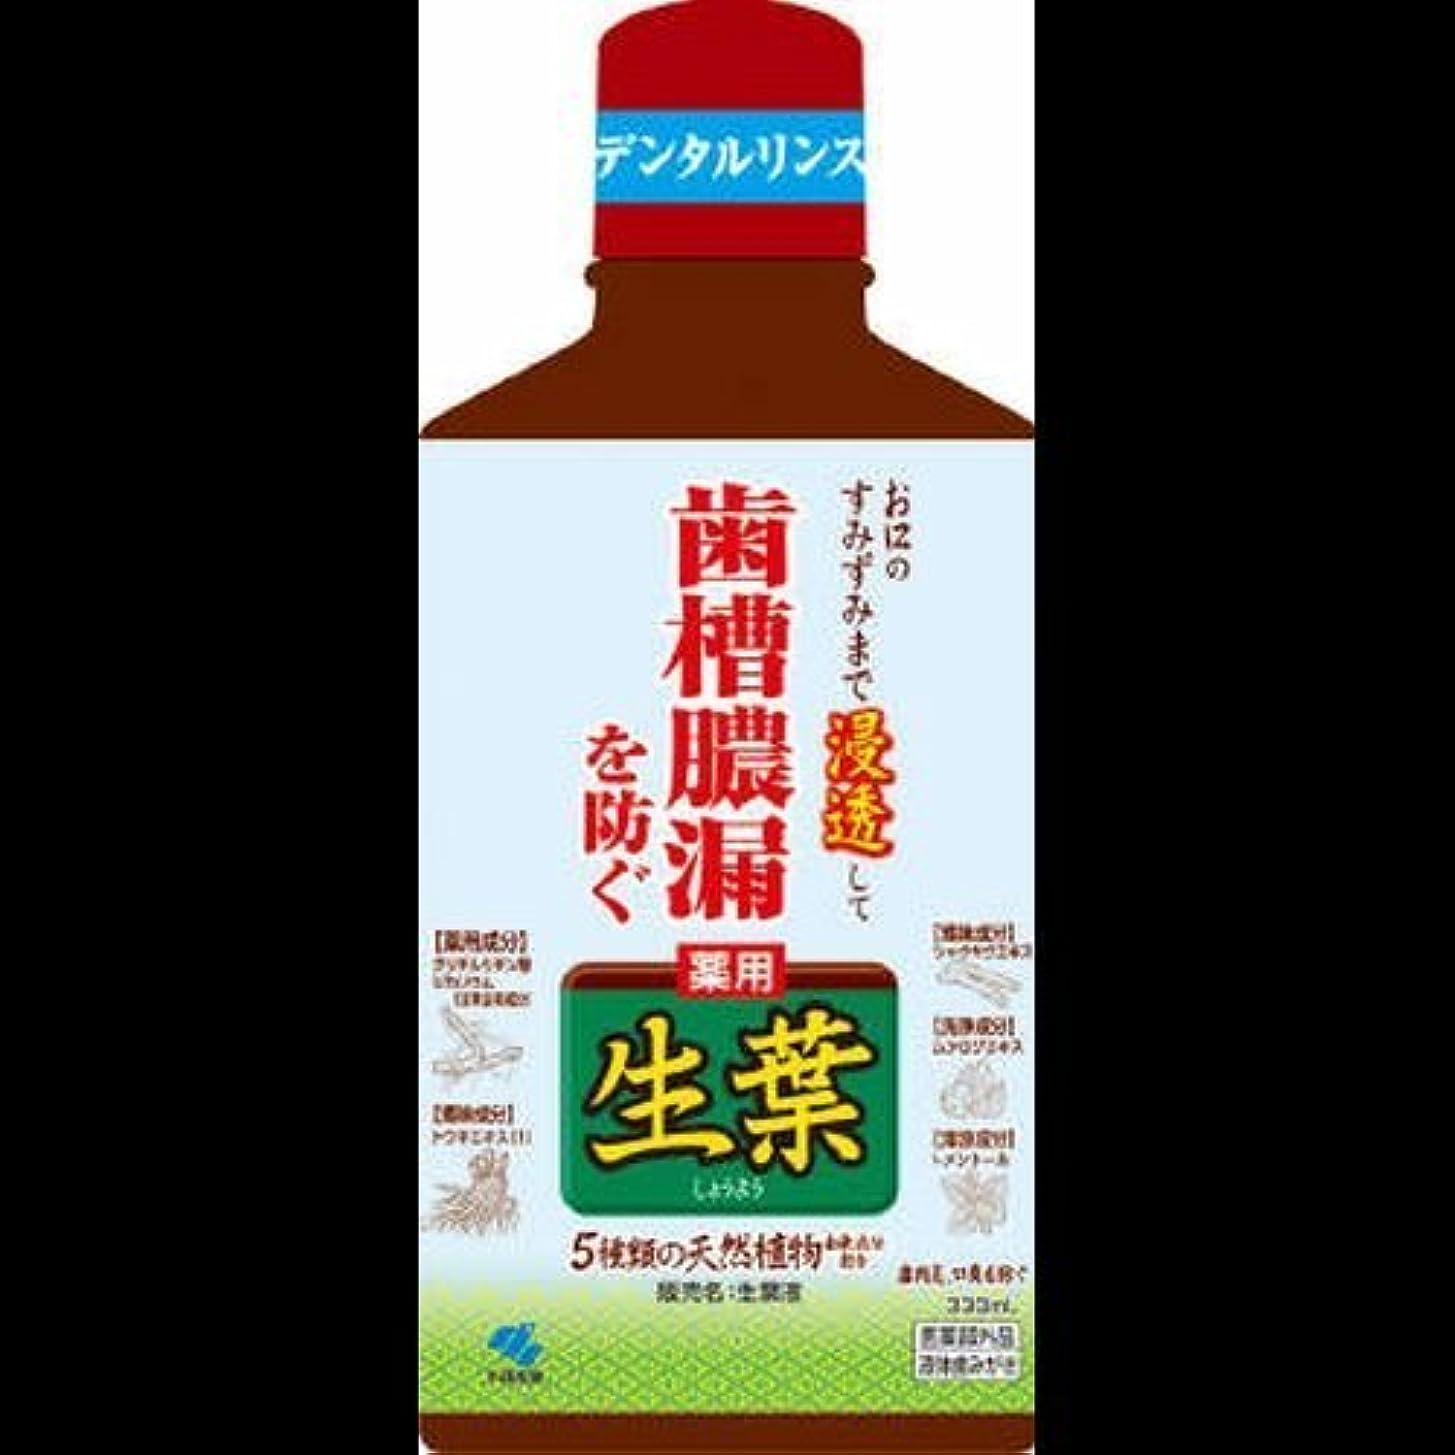 地味なマッシュ牛生葉液(しょうようえき) 330mL 4987072069448 ×2セット